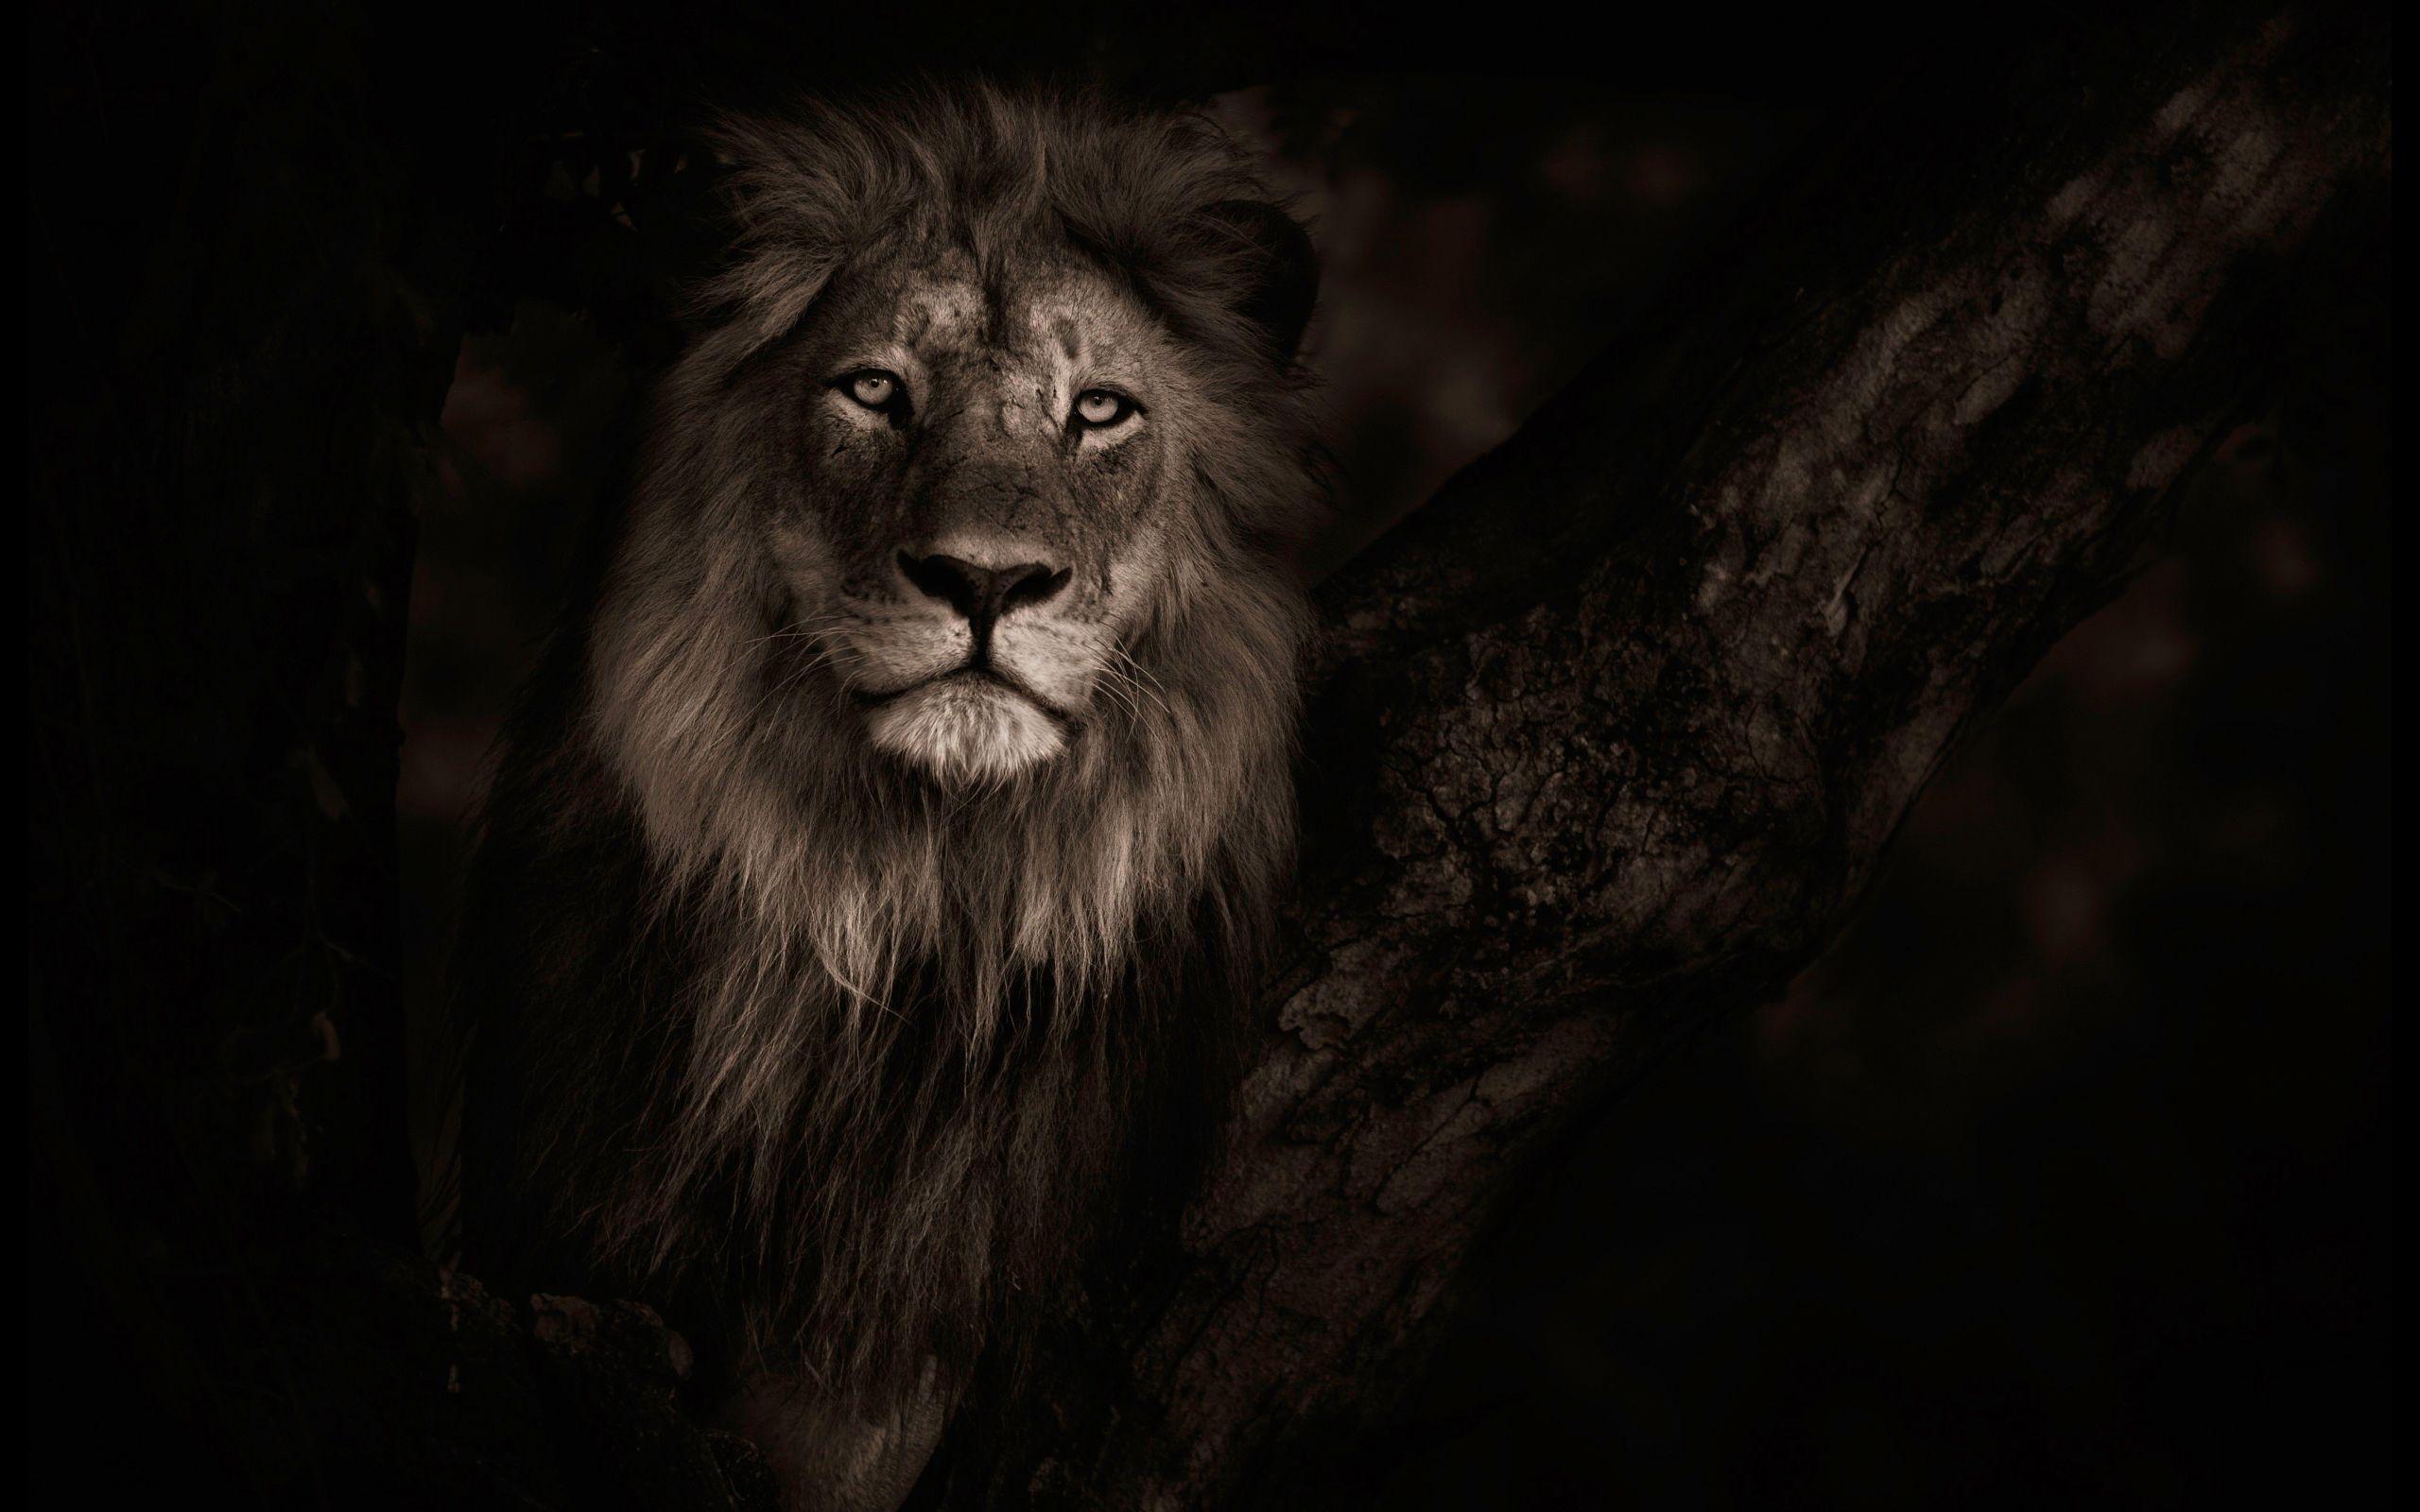 Lion Eyes Wallpaper Hd